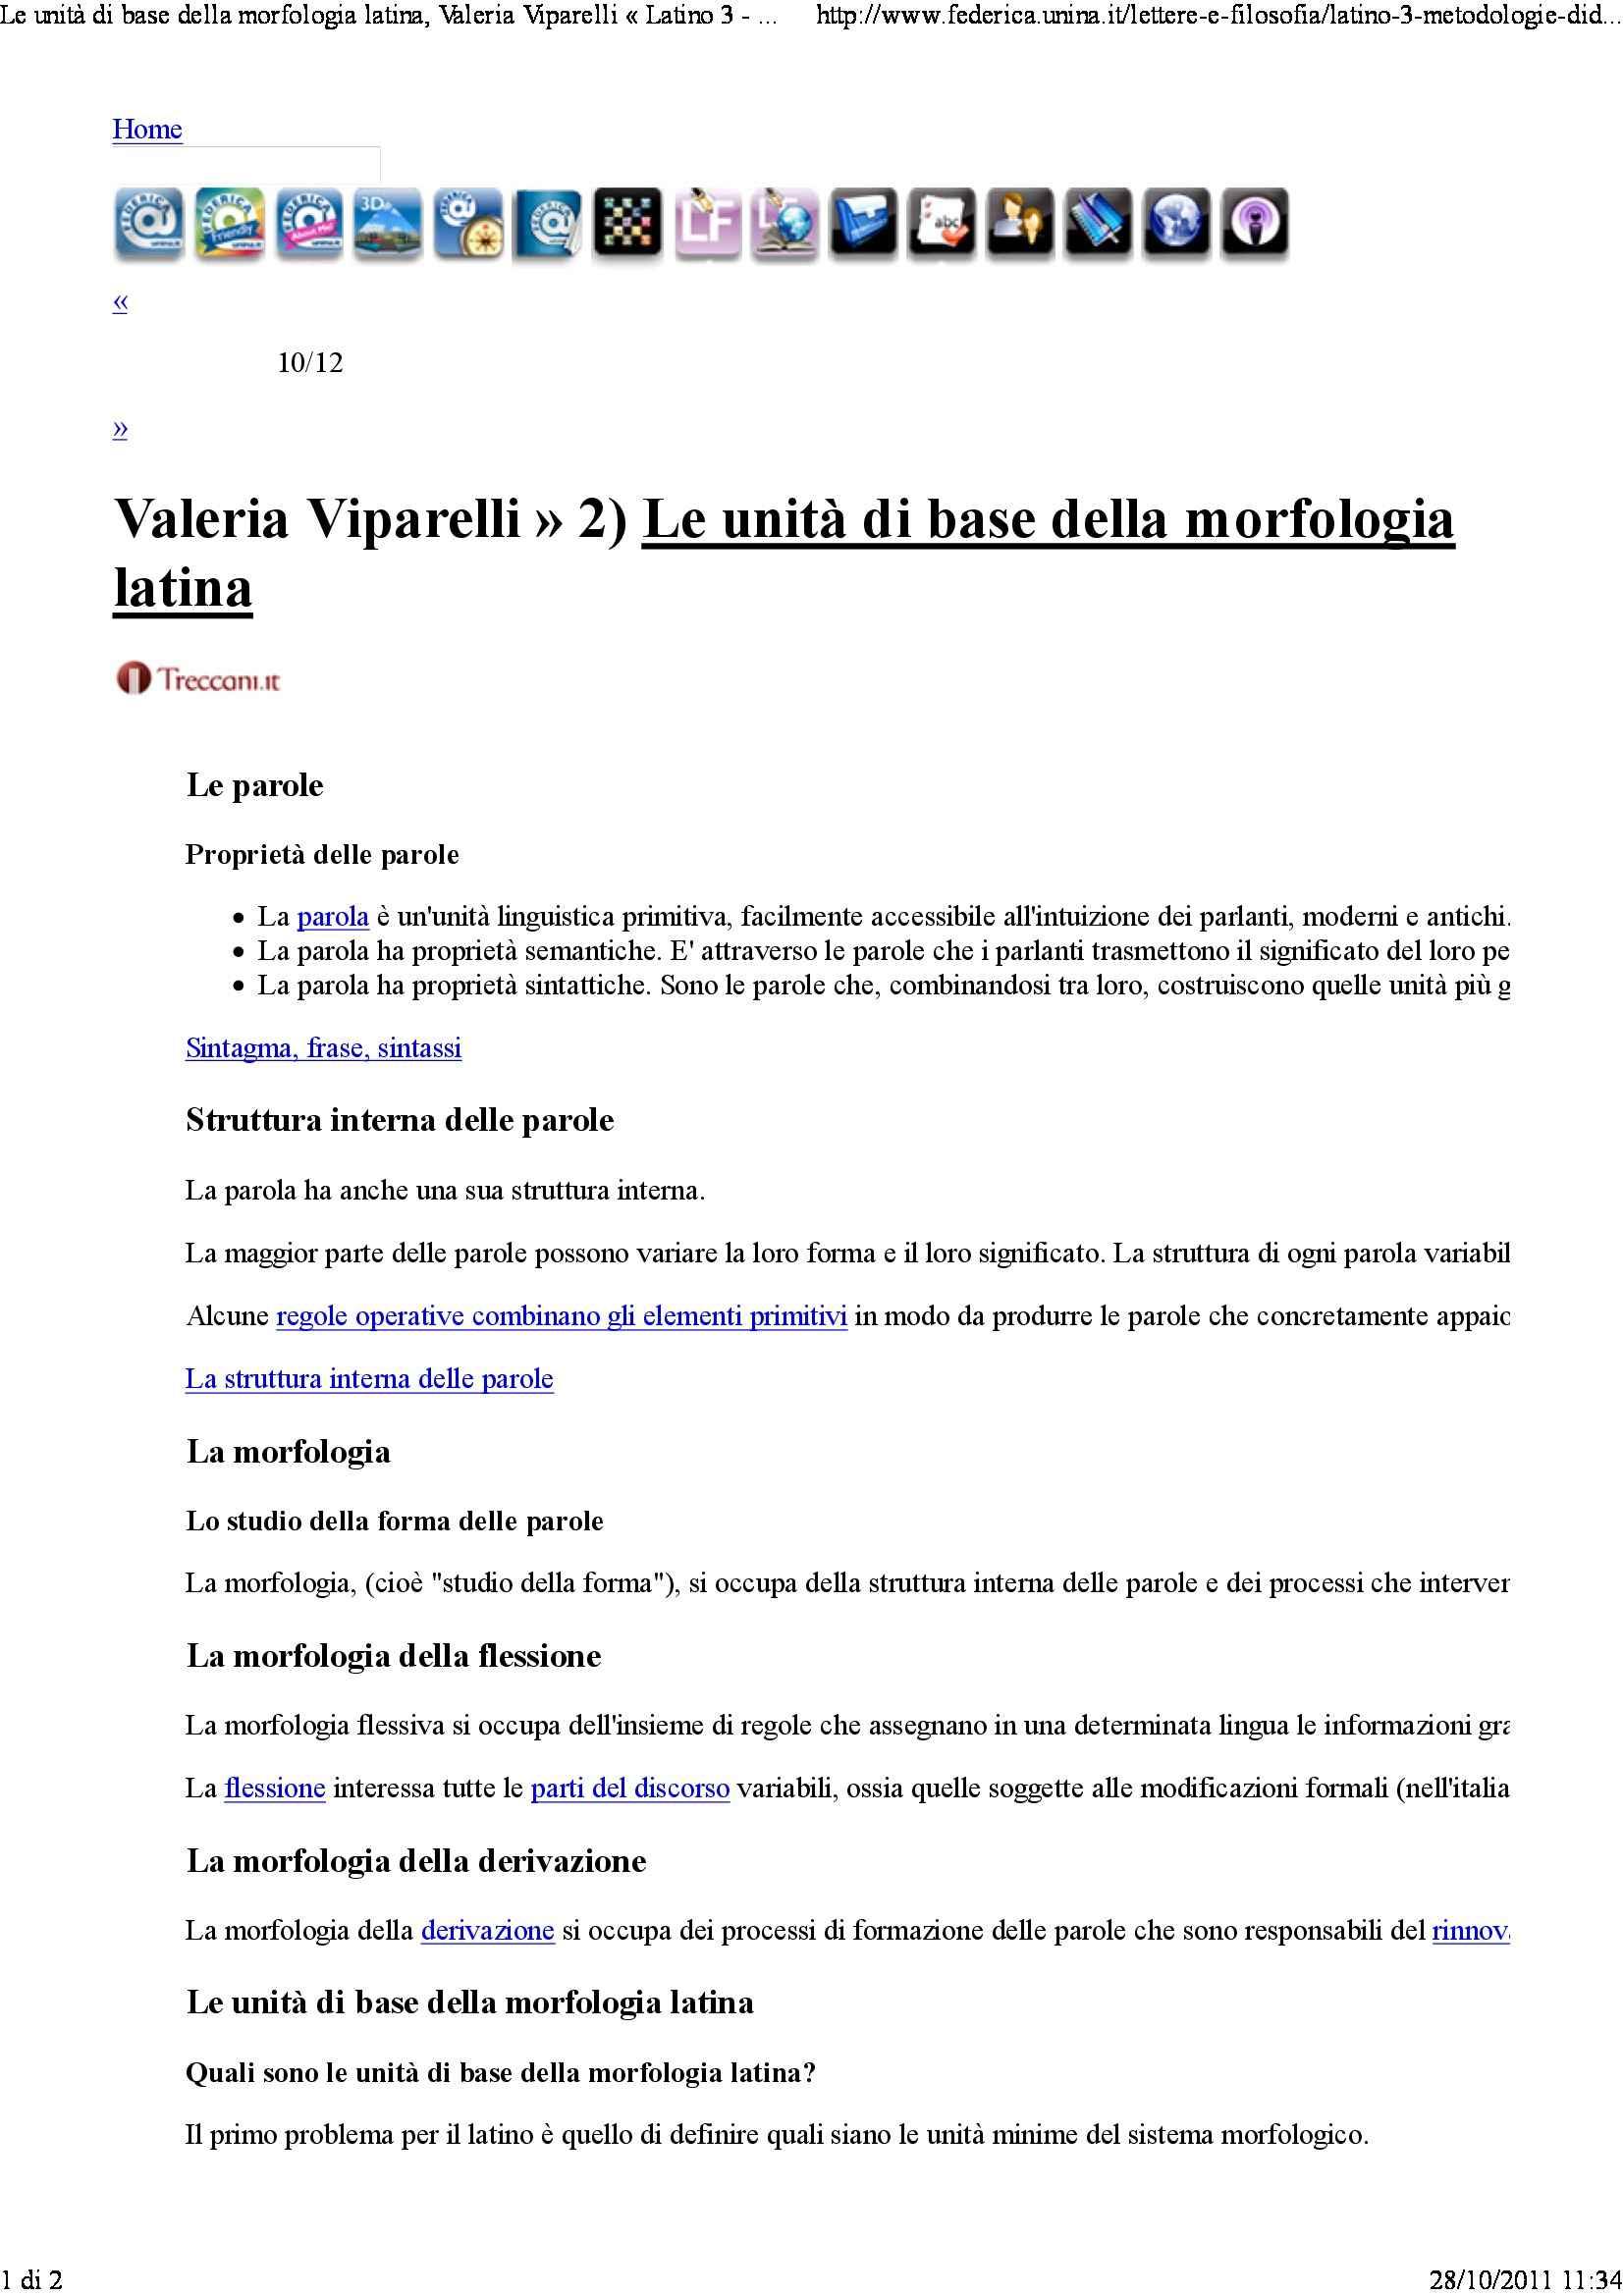 Unità di base della morfologia latina